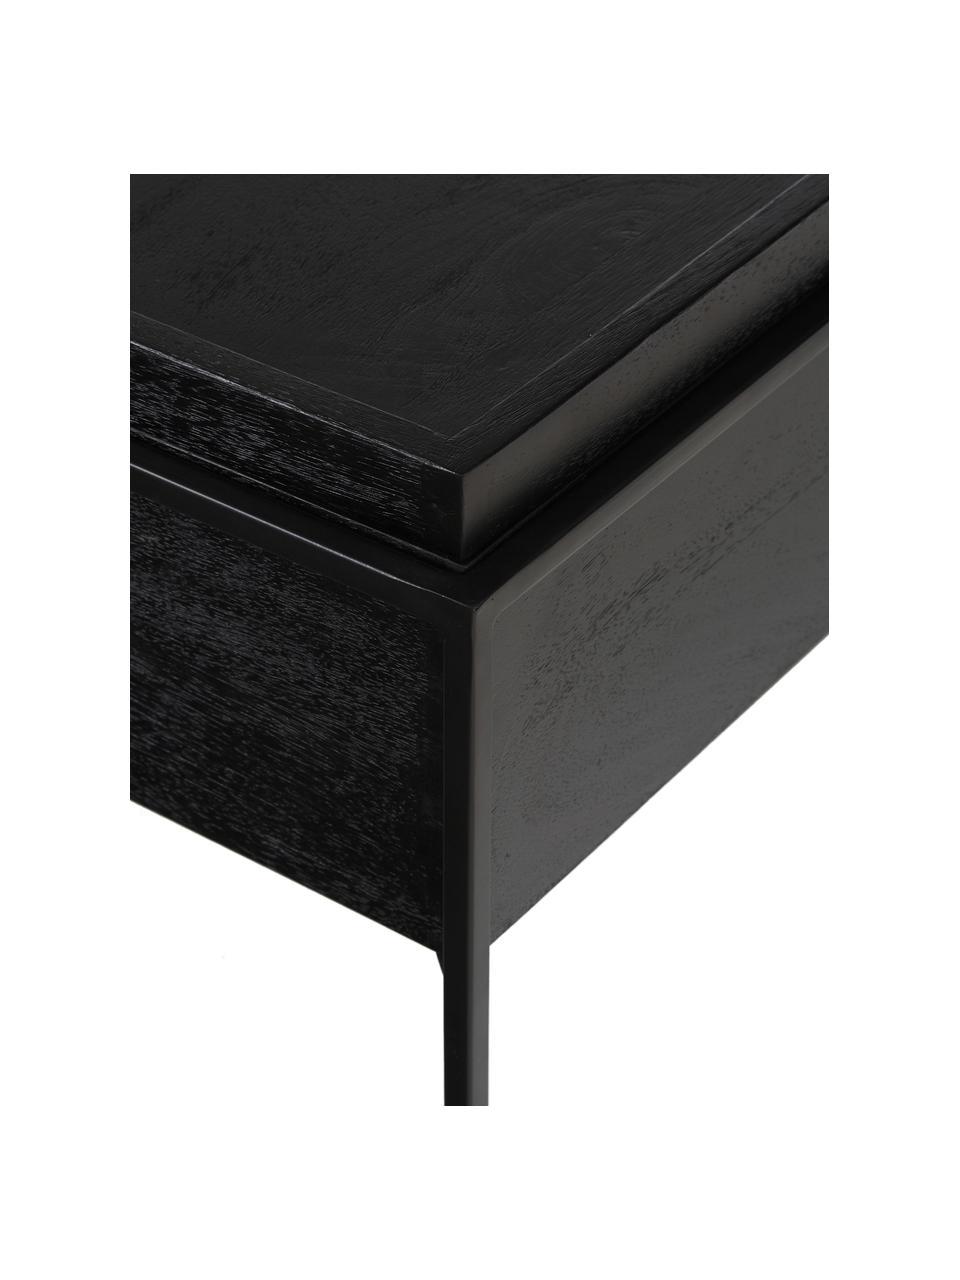 Couchtisch Theo mit Stauraum, Korpus: Massives Mangoholz, lacki, Gestell: Metall, pulverbeschichtet, Korpus: Mangoholz, schwarz lackiertGestell: Schwarz, matt, 100 x 45 cm